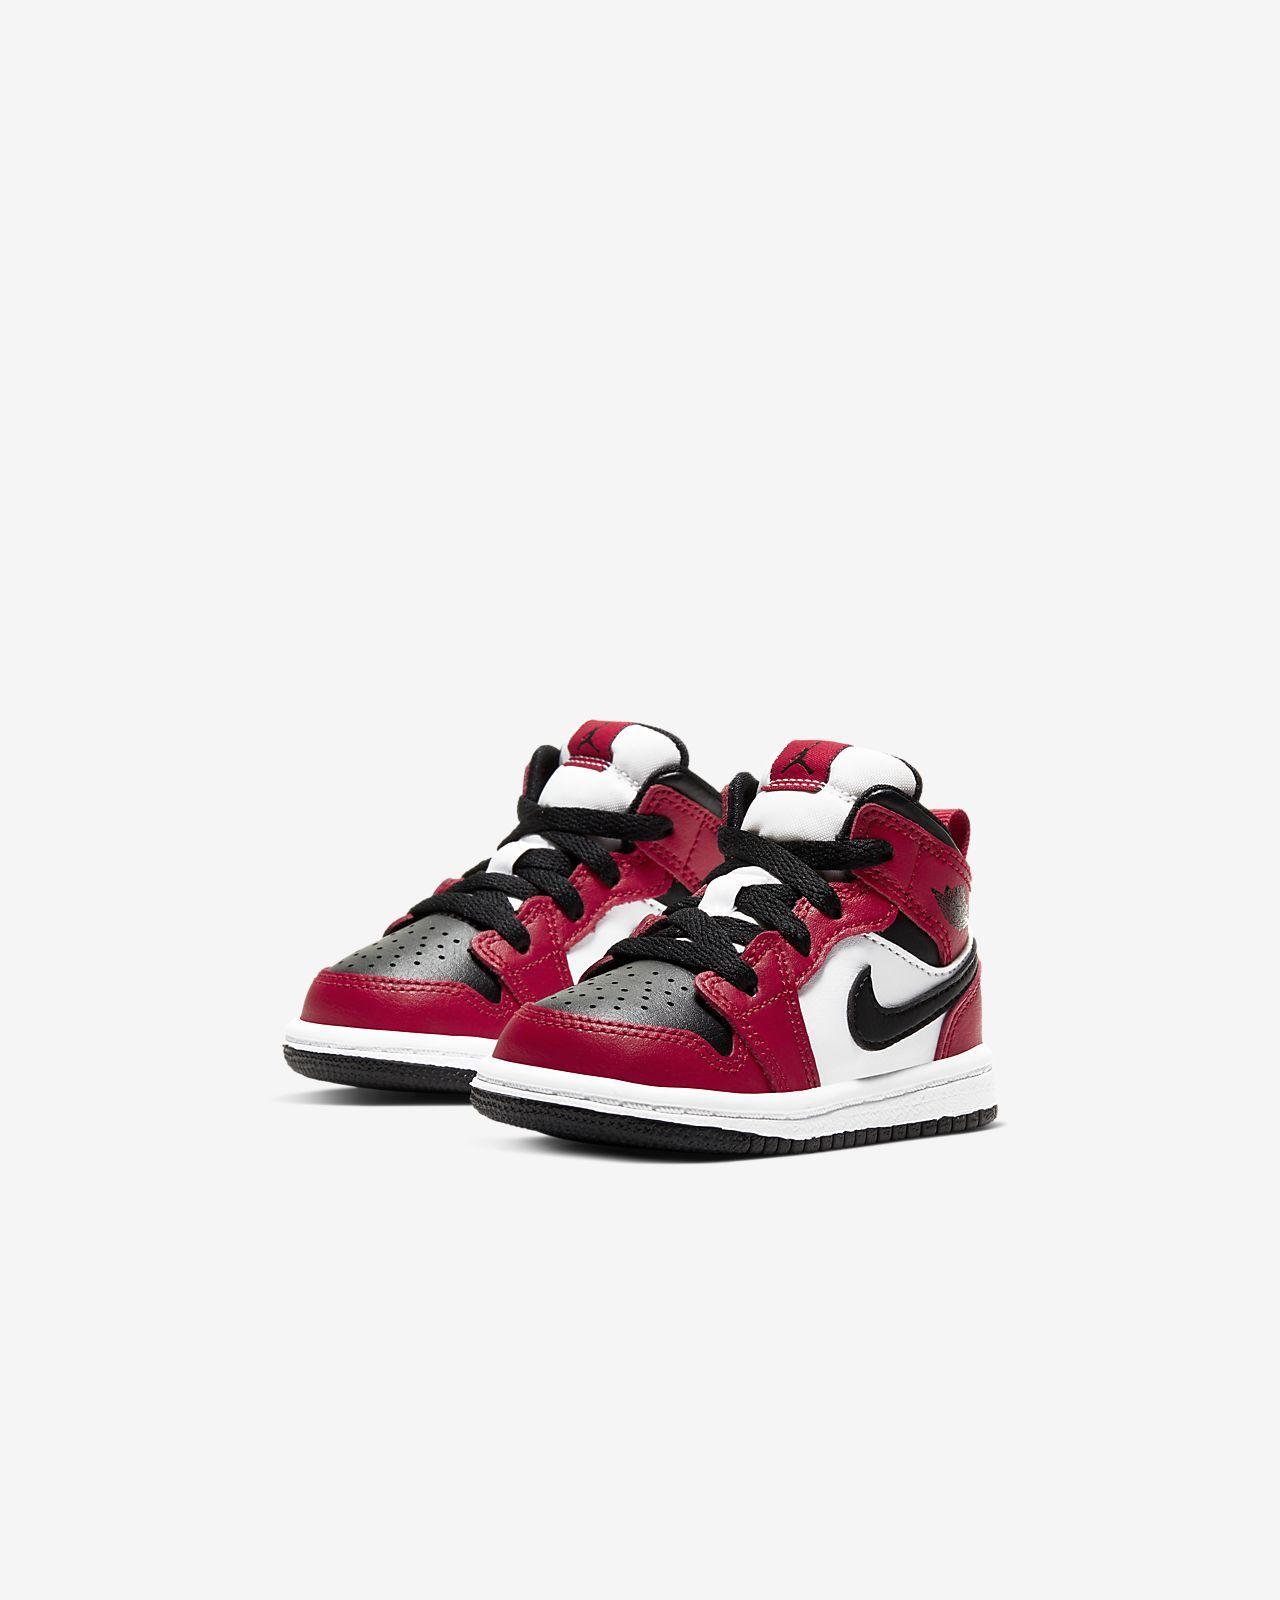 Toddler shoes, Jordan 1 mid